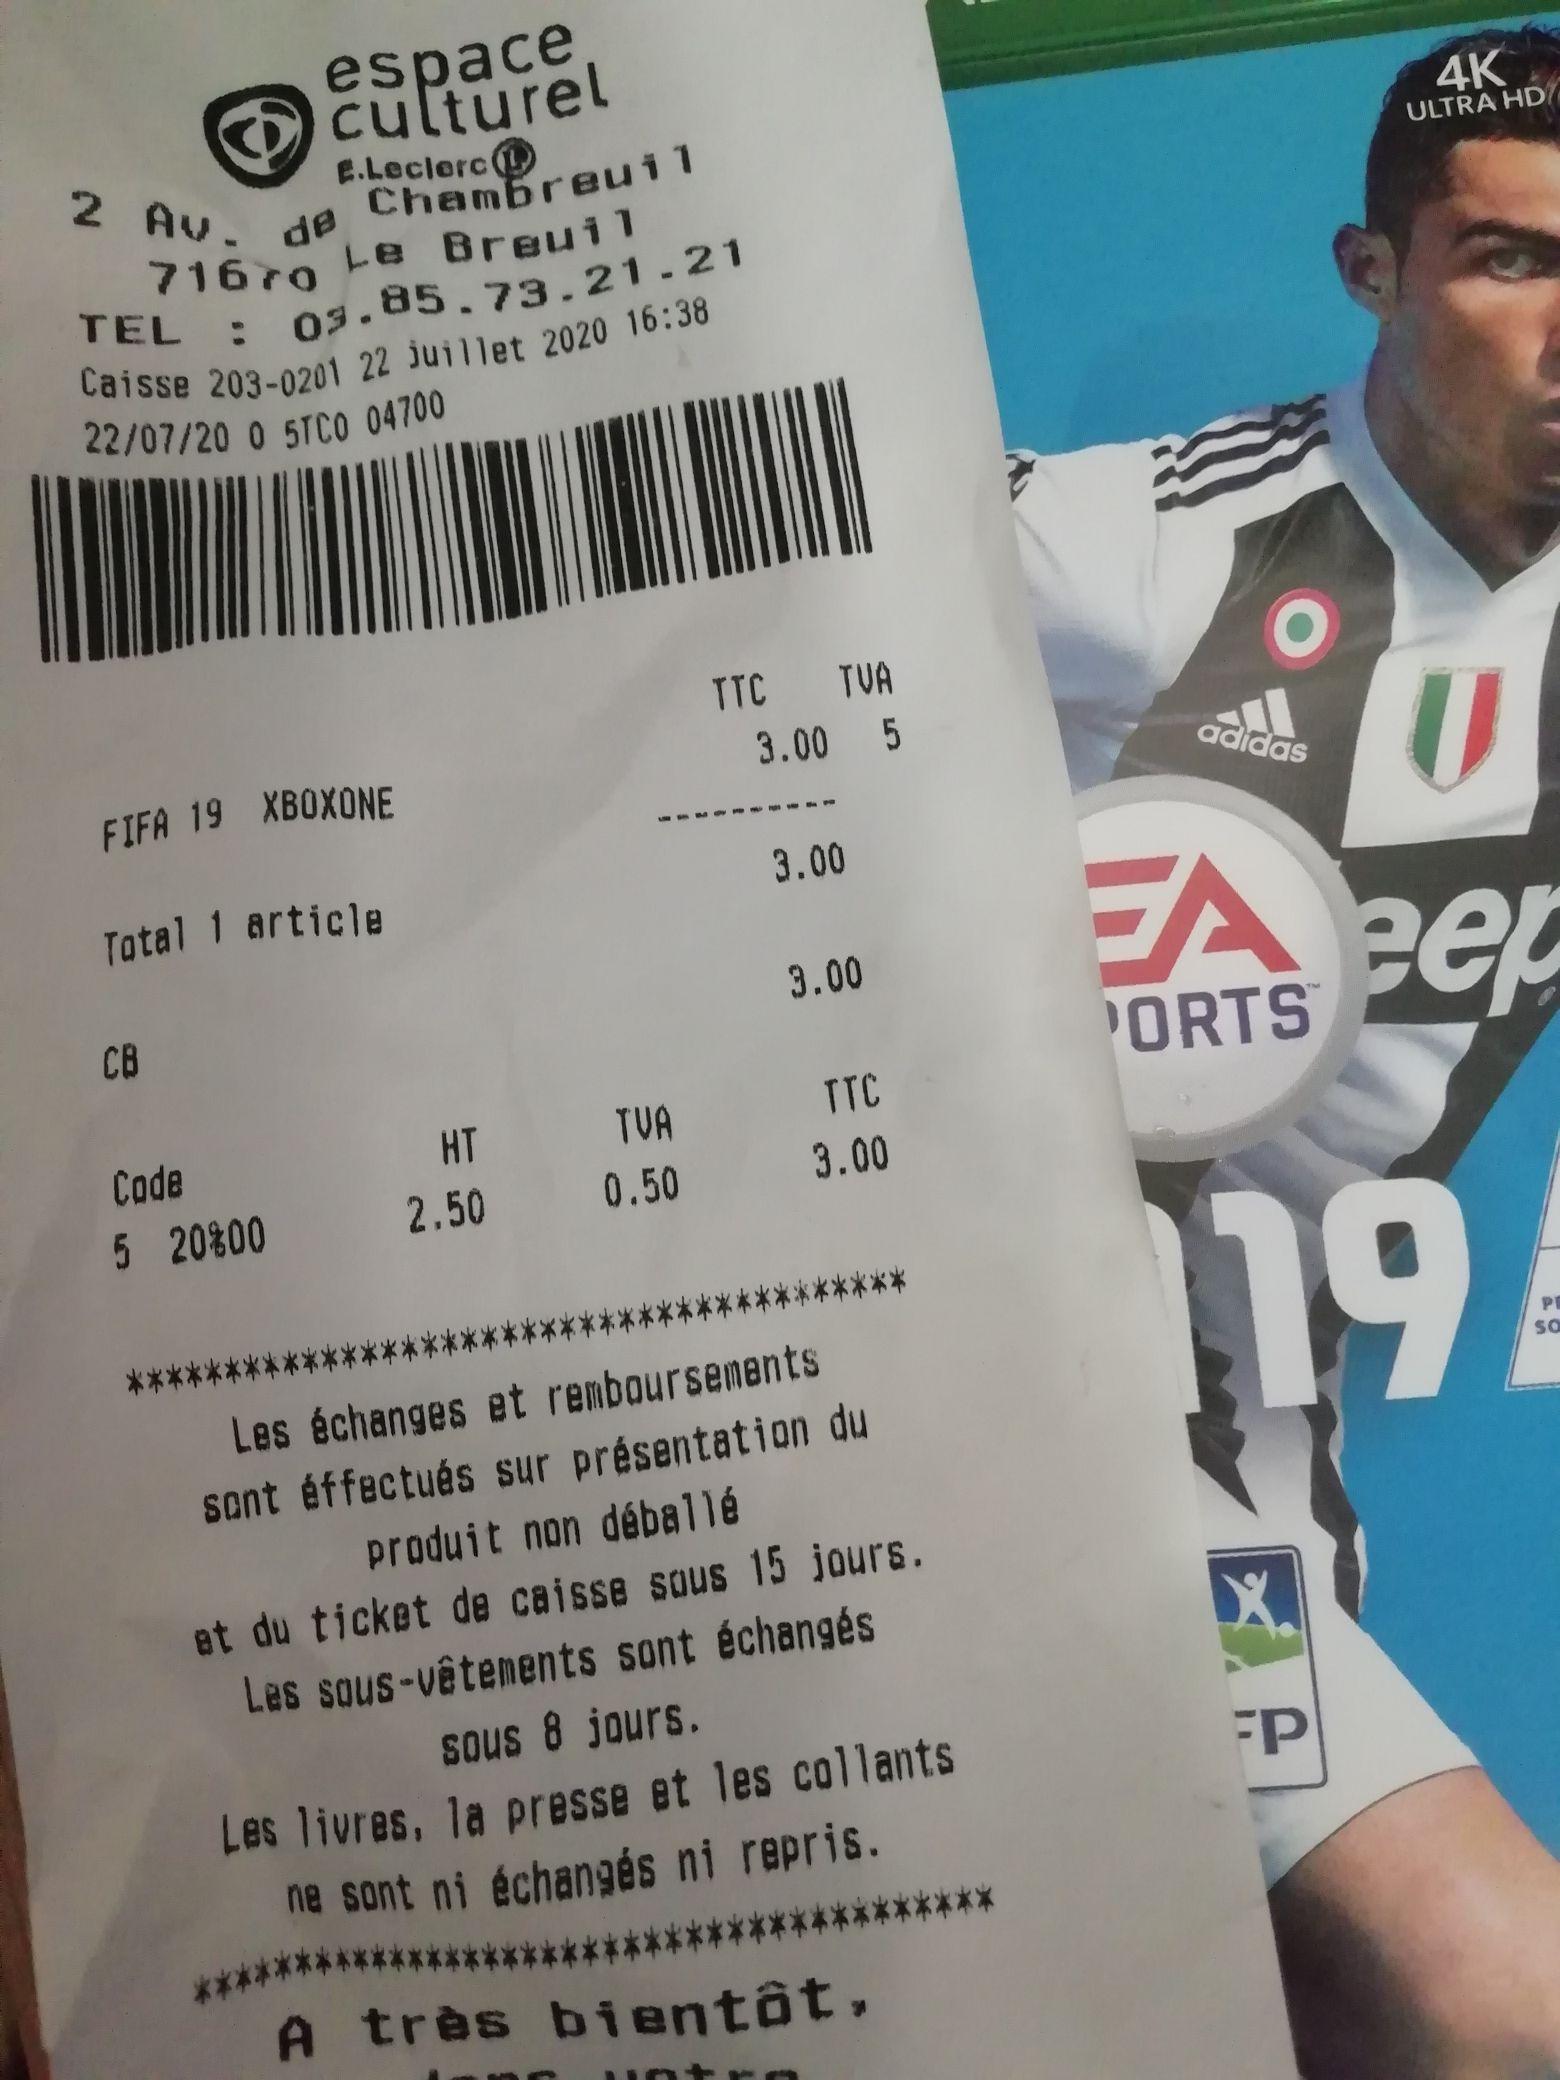 FIFA 19 sur Xbox One - Le Breuil (71)